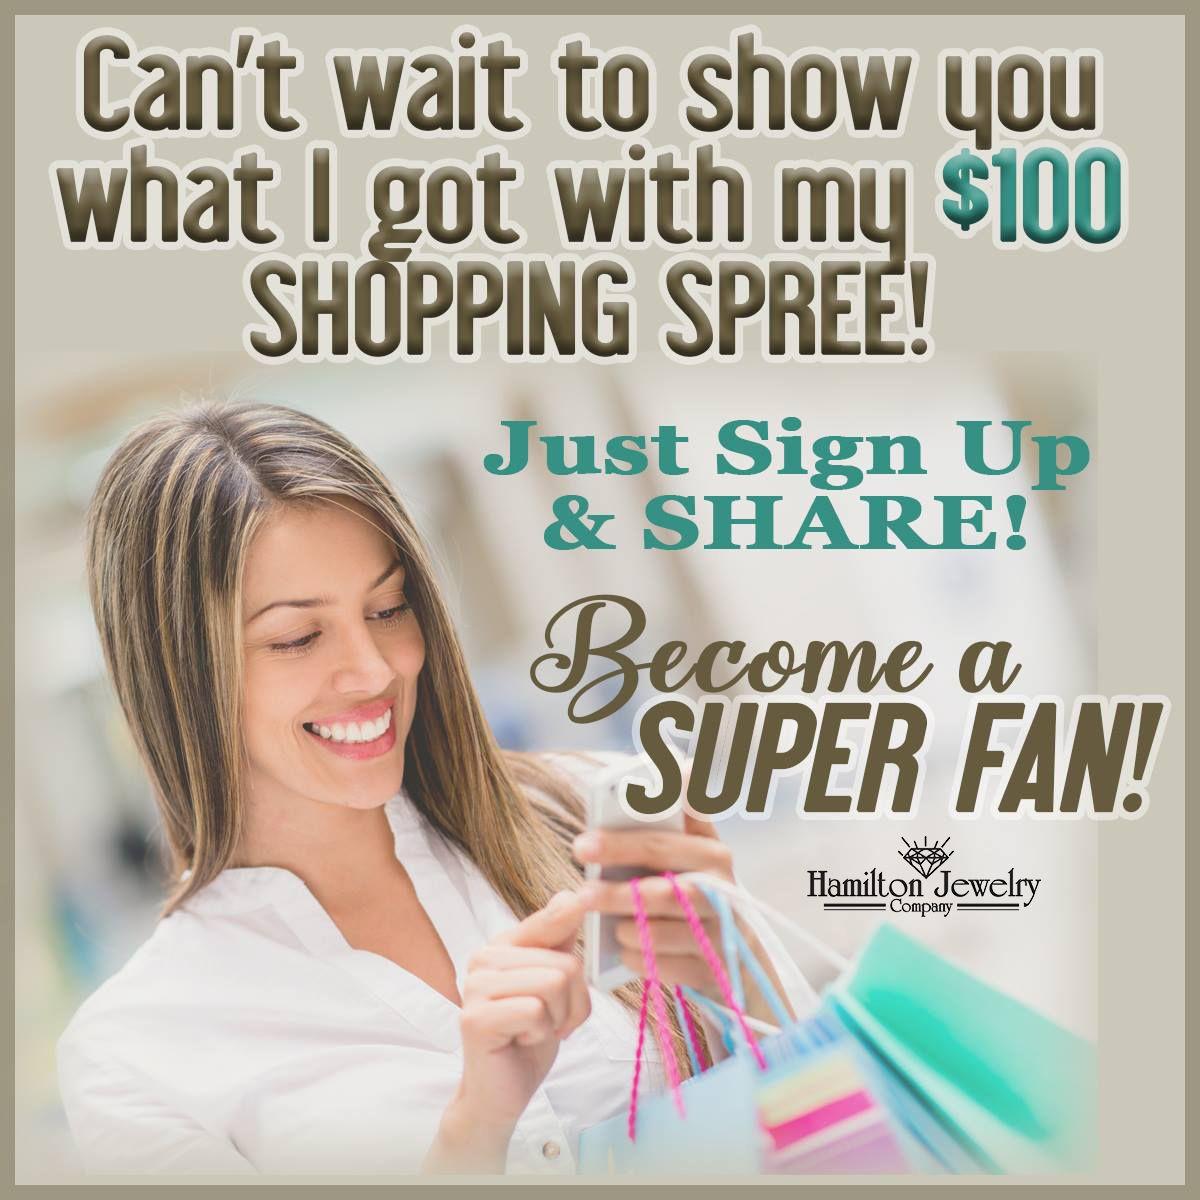 Let S Go Shopping Superfan Shoppingspree Gemperks